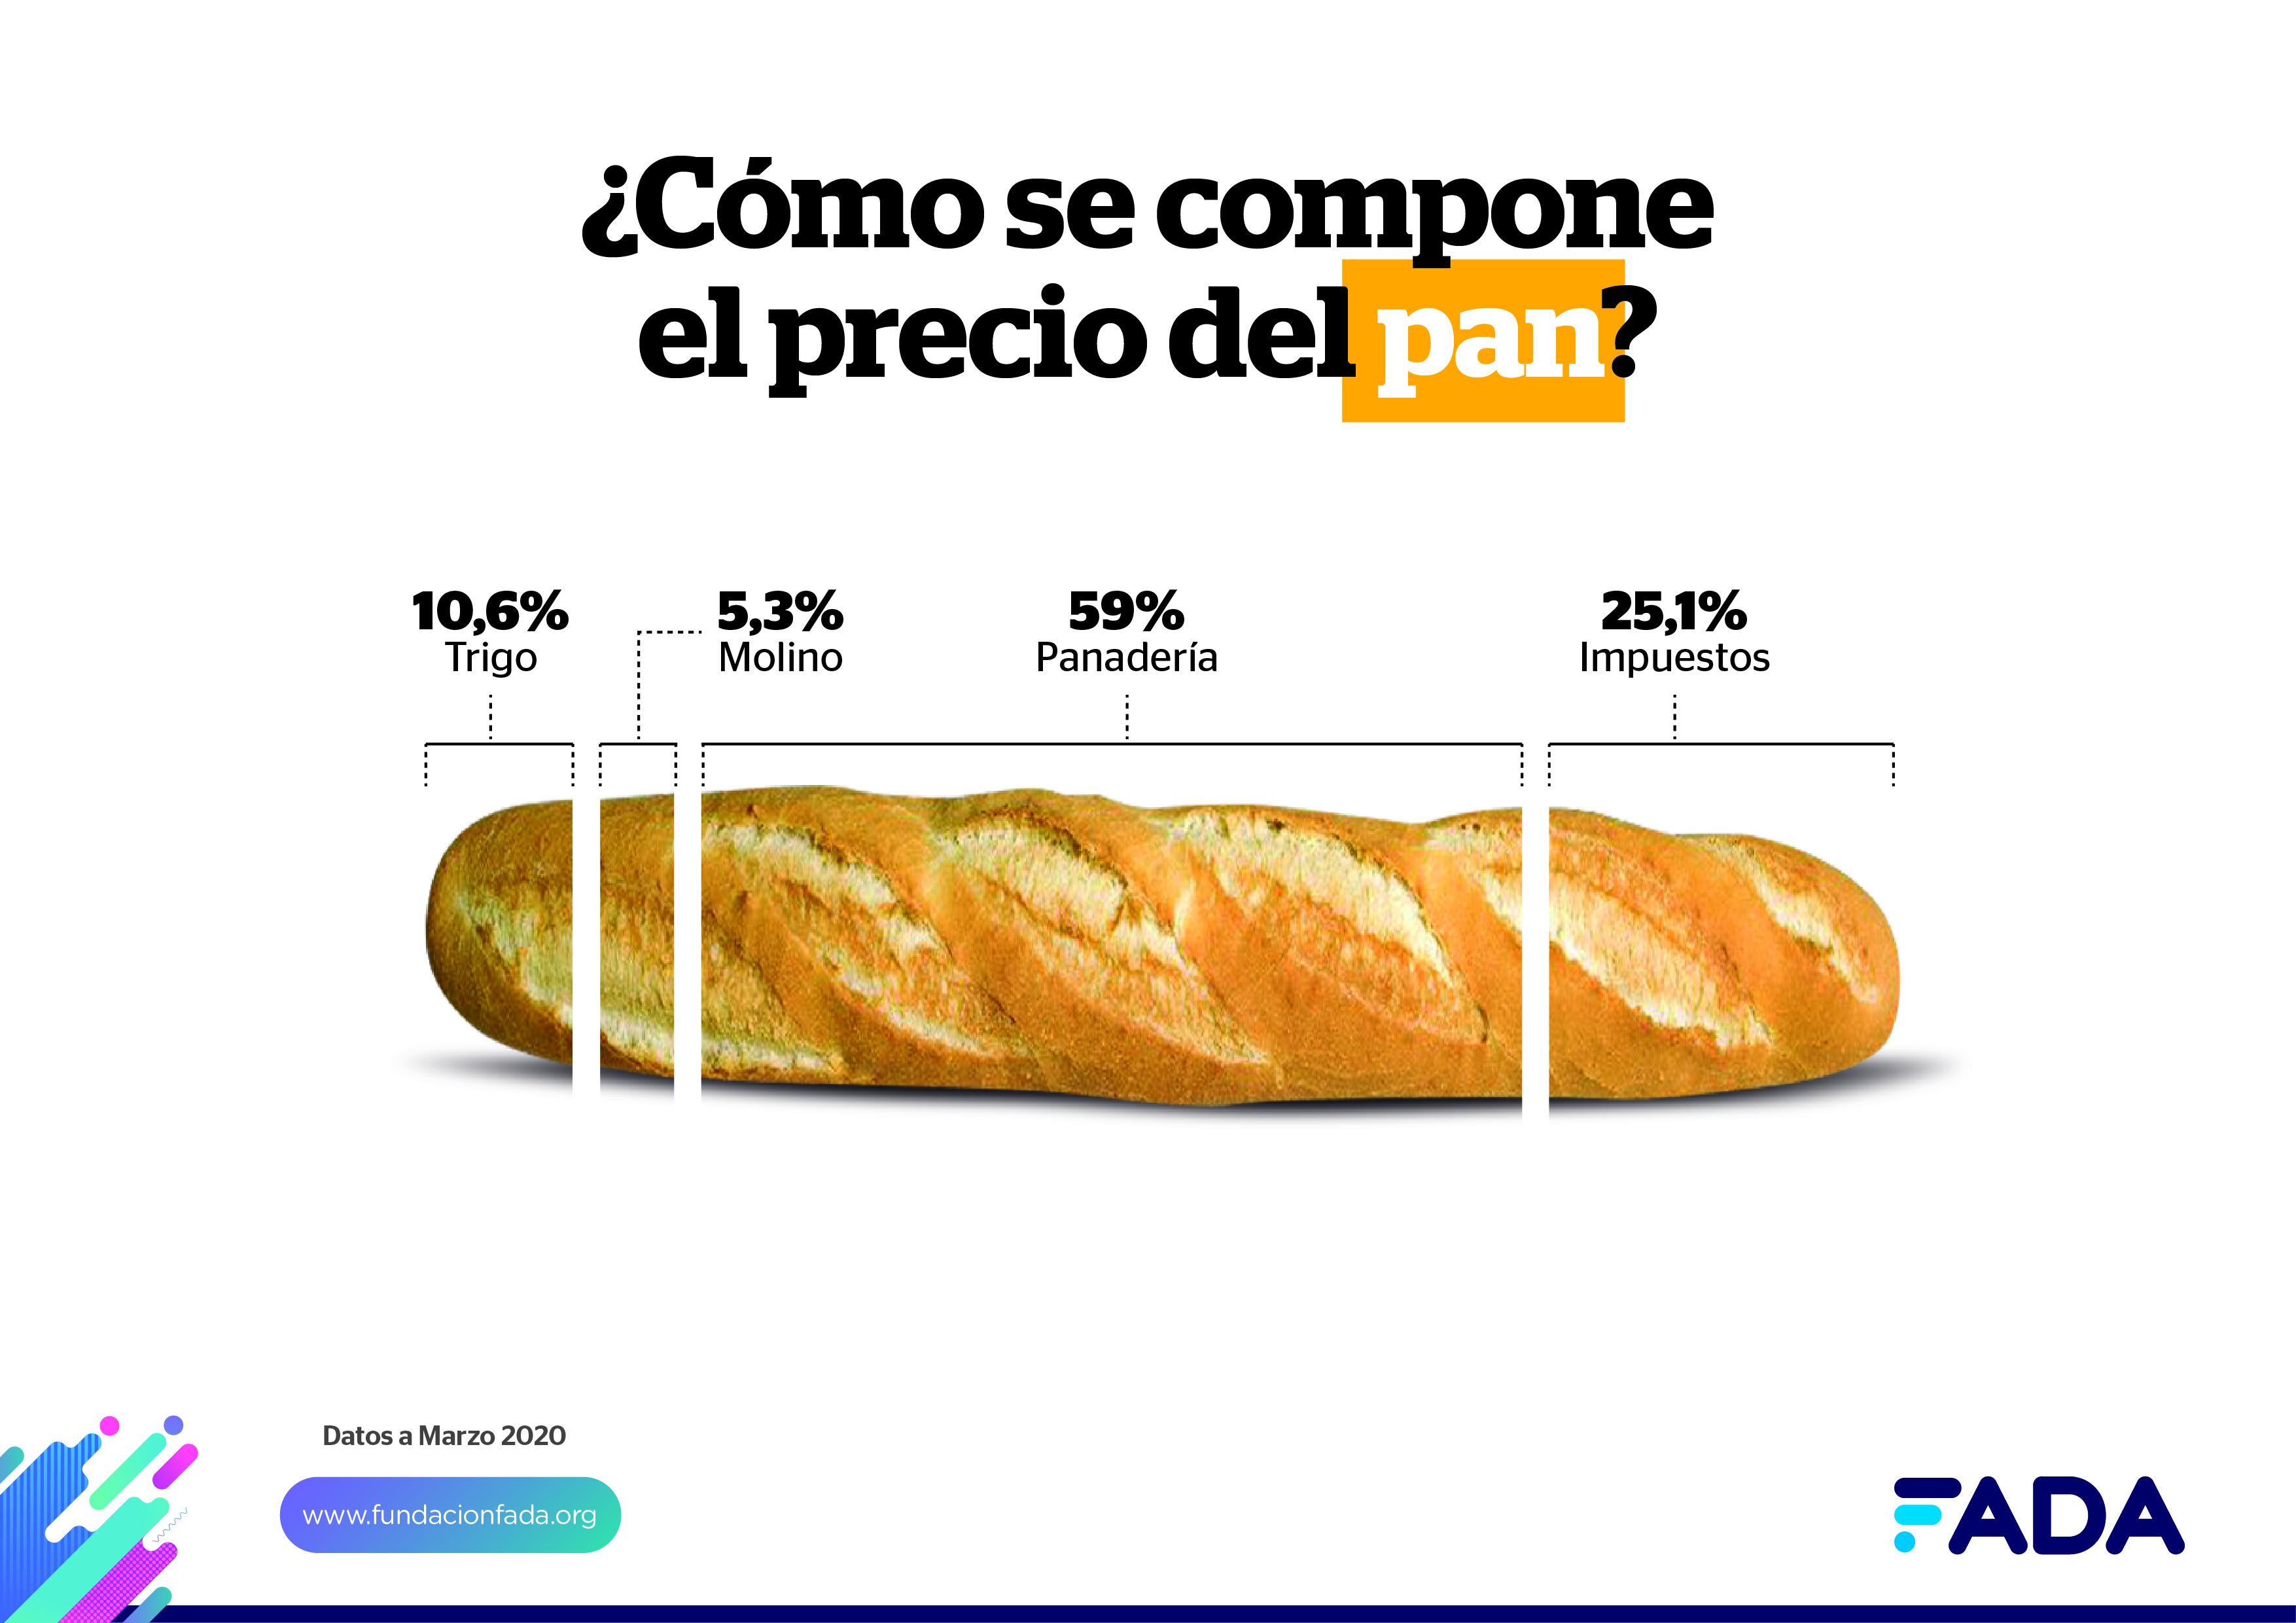 ¿Cómo se compone el precio del pan? 2020